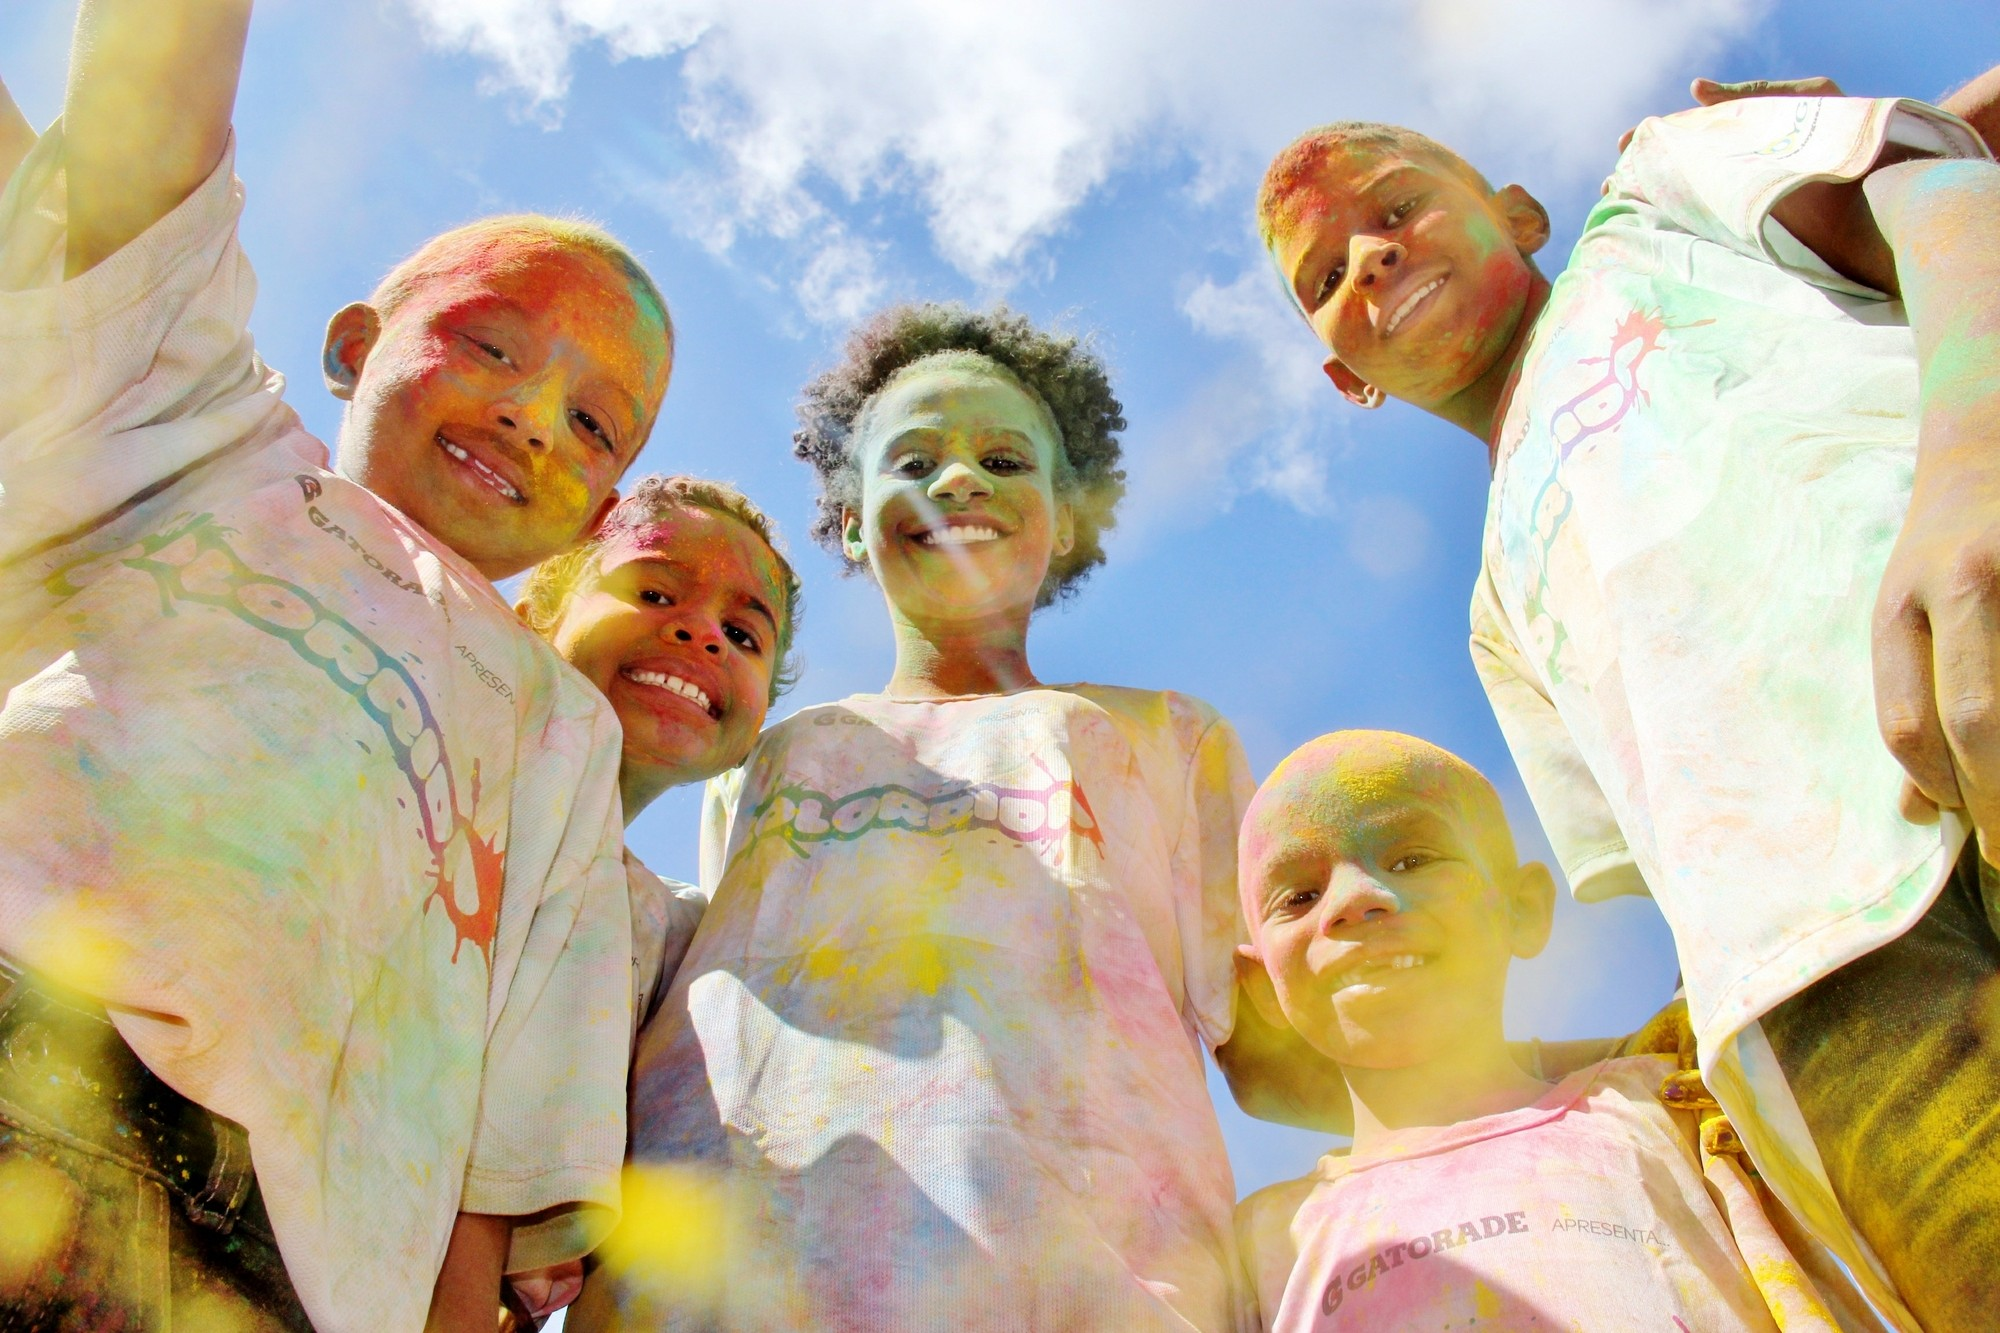 Corrida colorida contra o câncer angaria fundos para o Martagão (Foto: Divulgação/Carla Galrão)